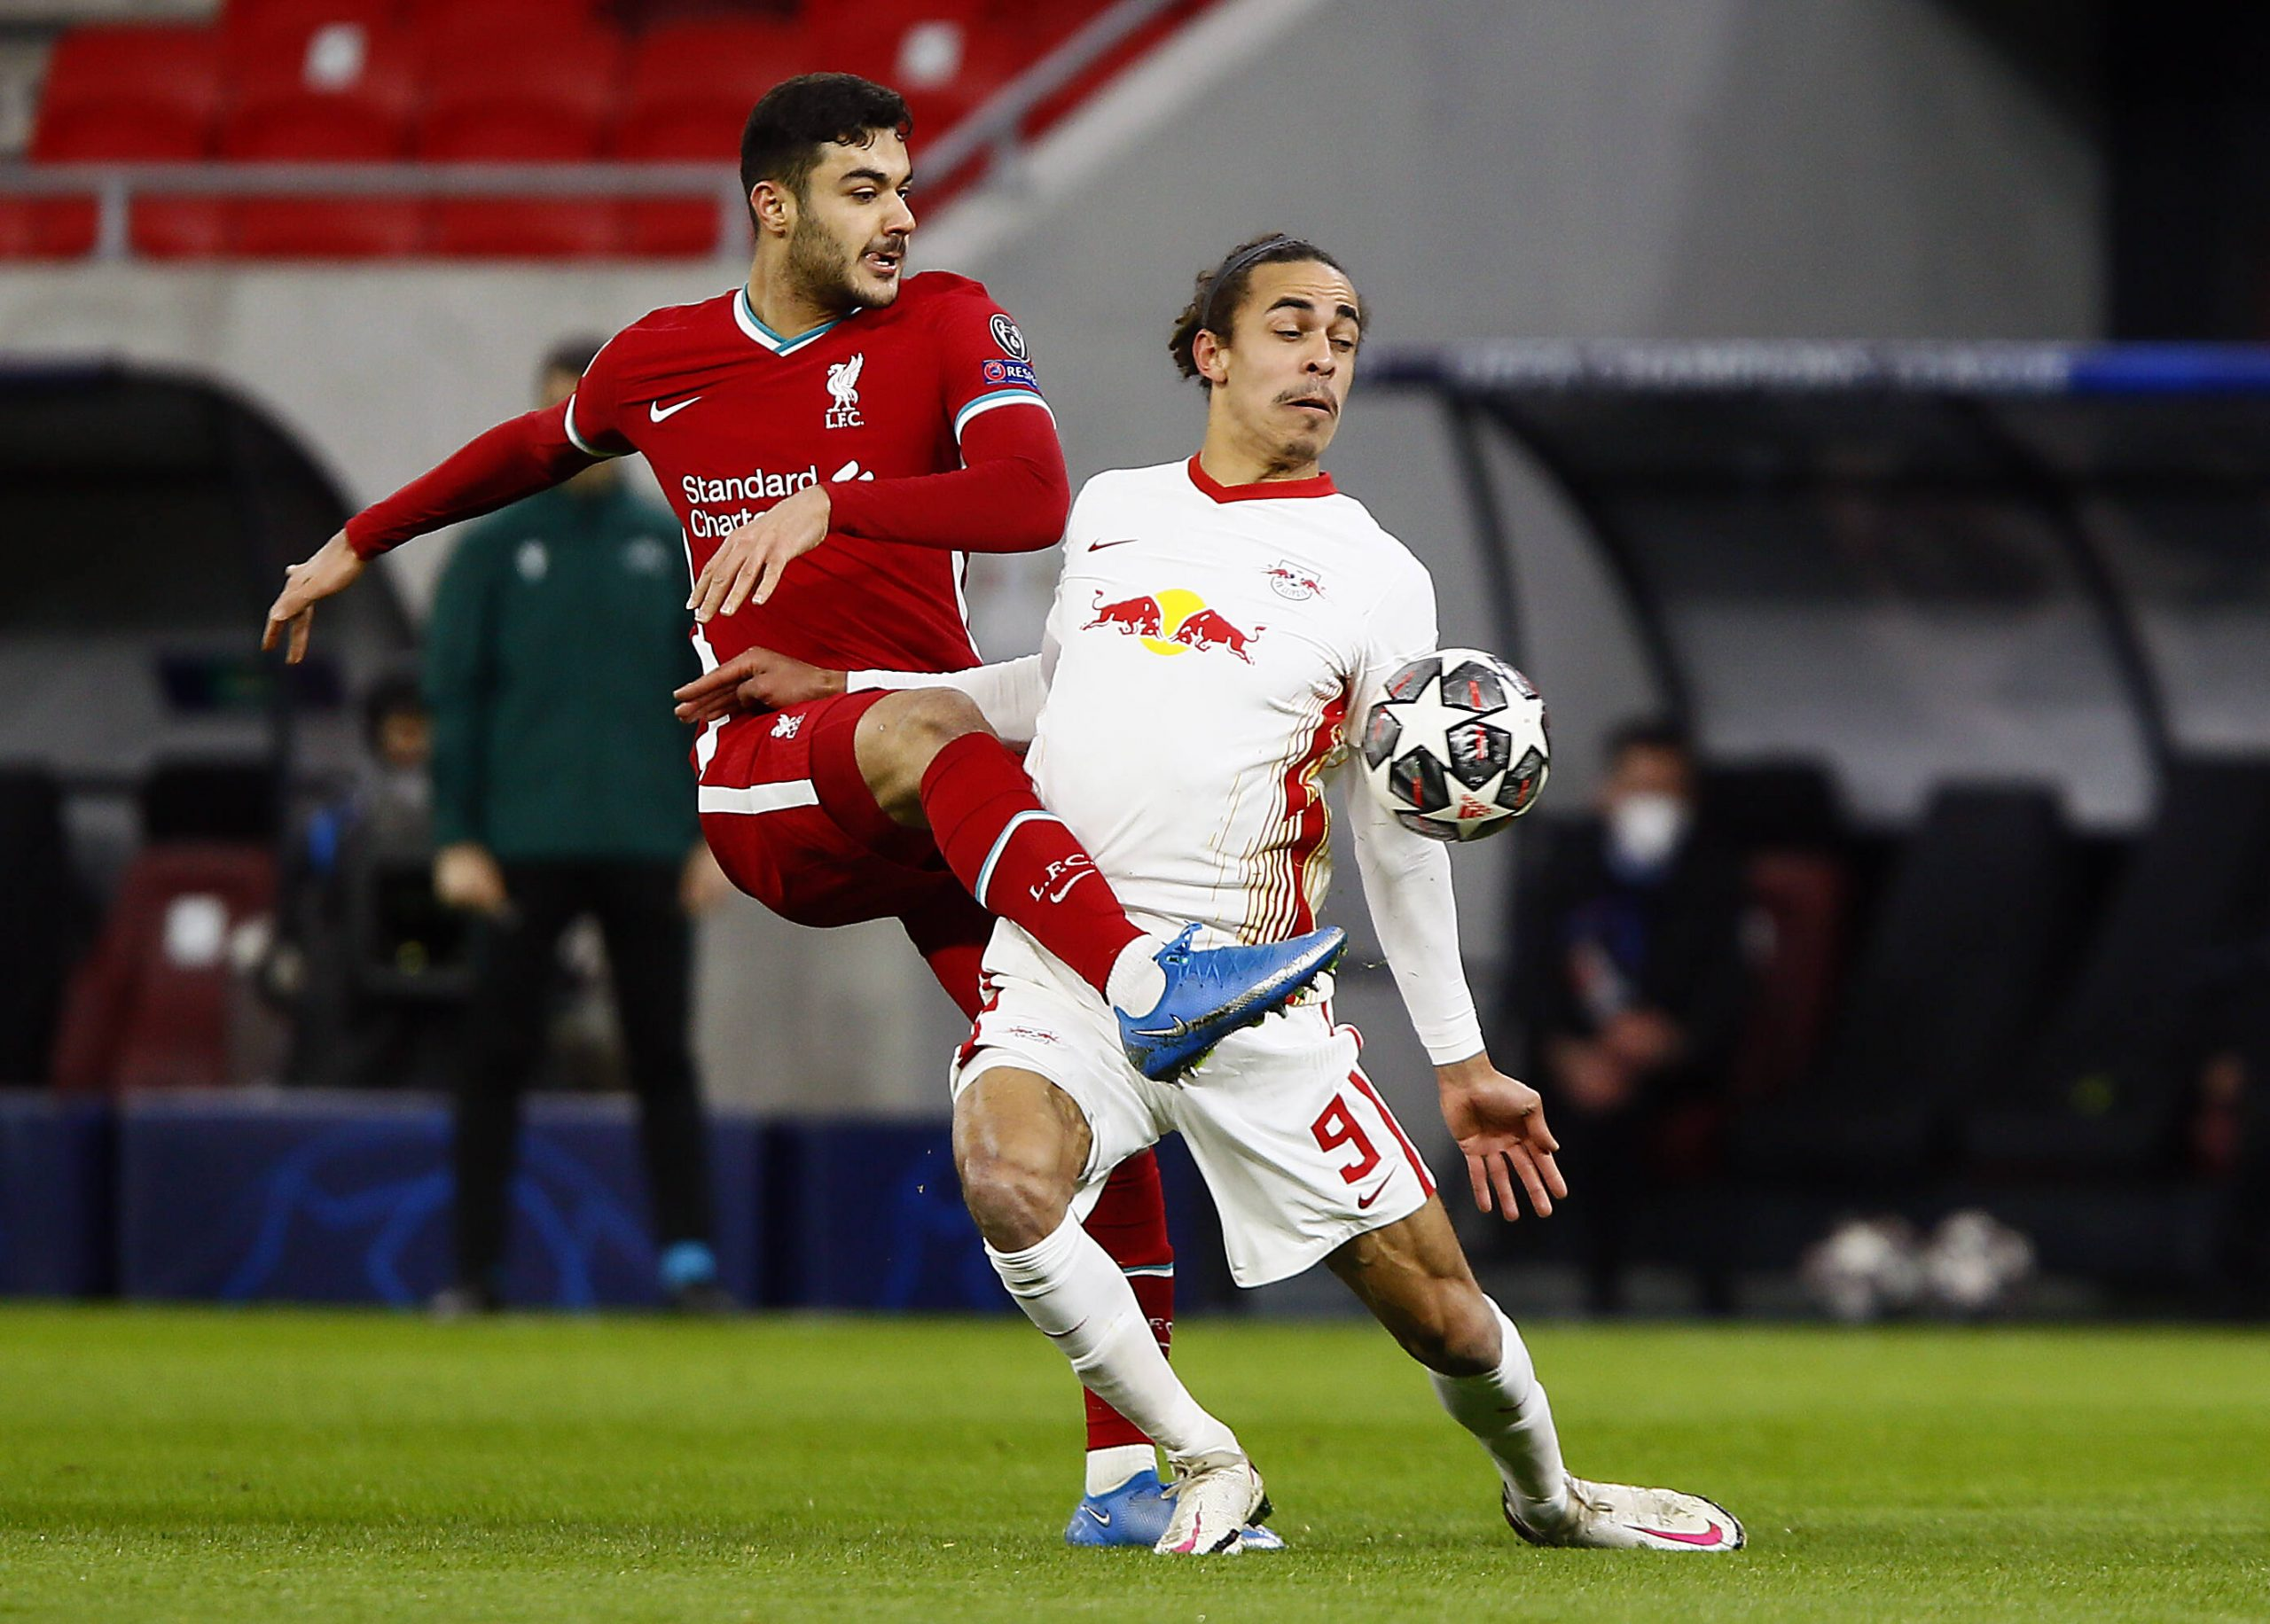 Liverpool v RB Leipzig - Kabak Poulsen